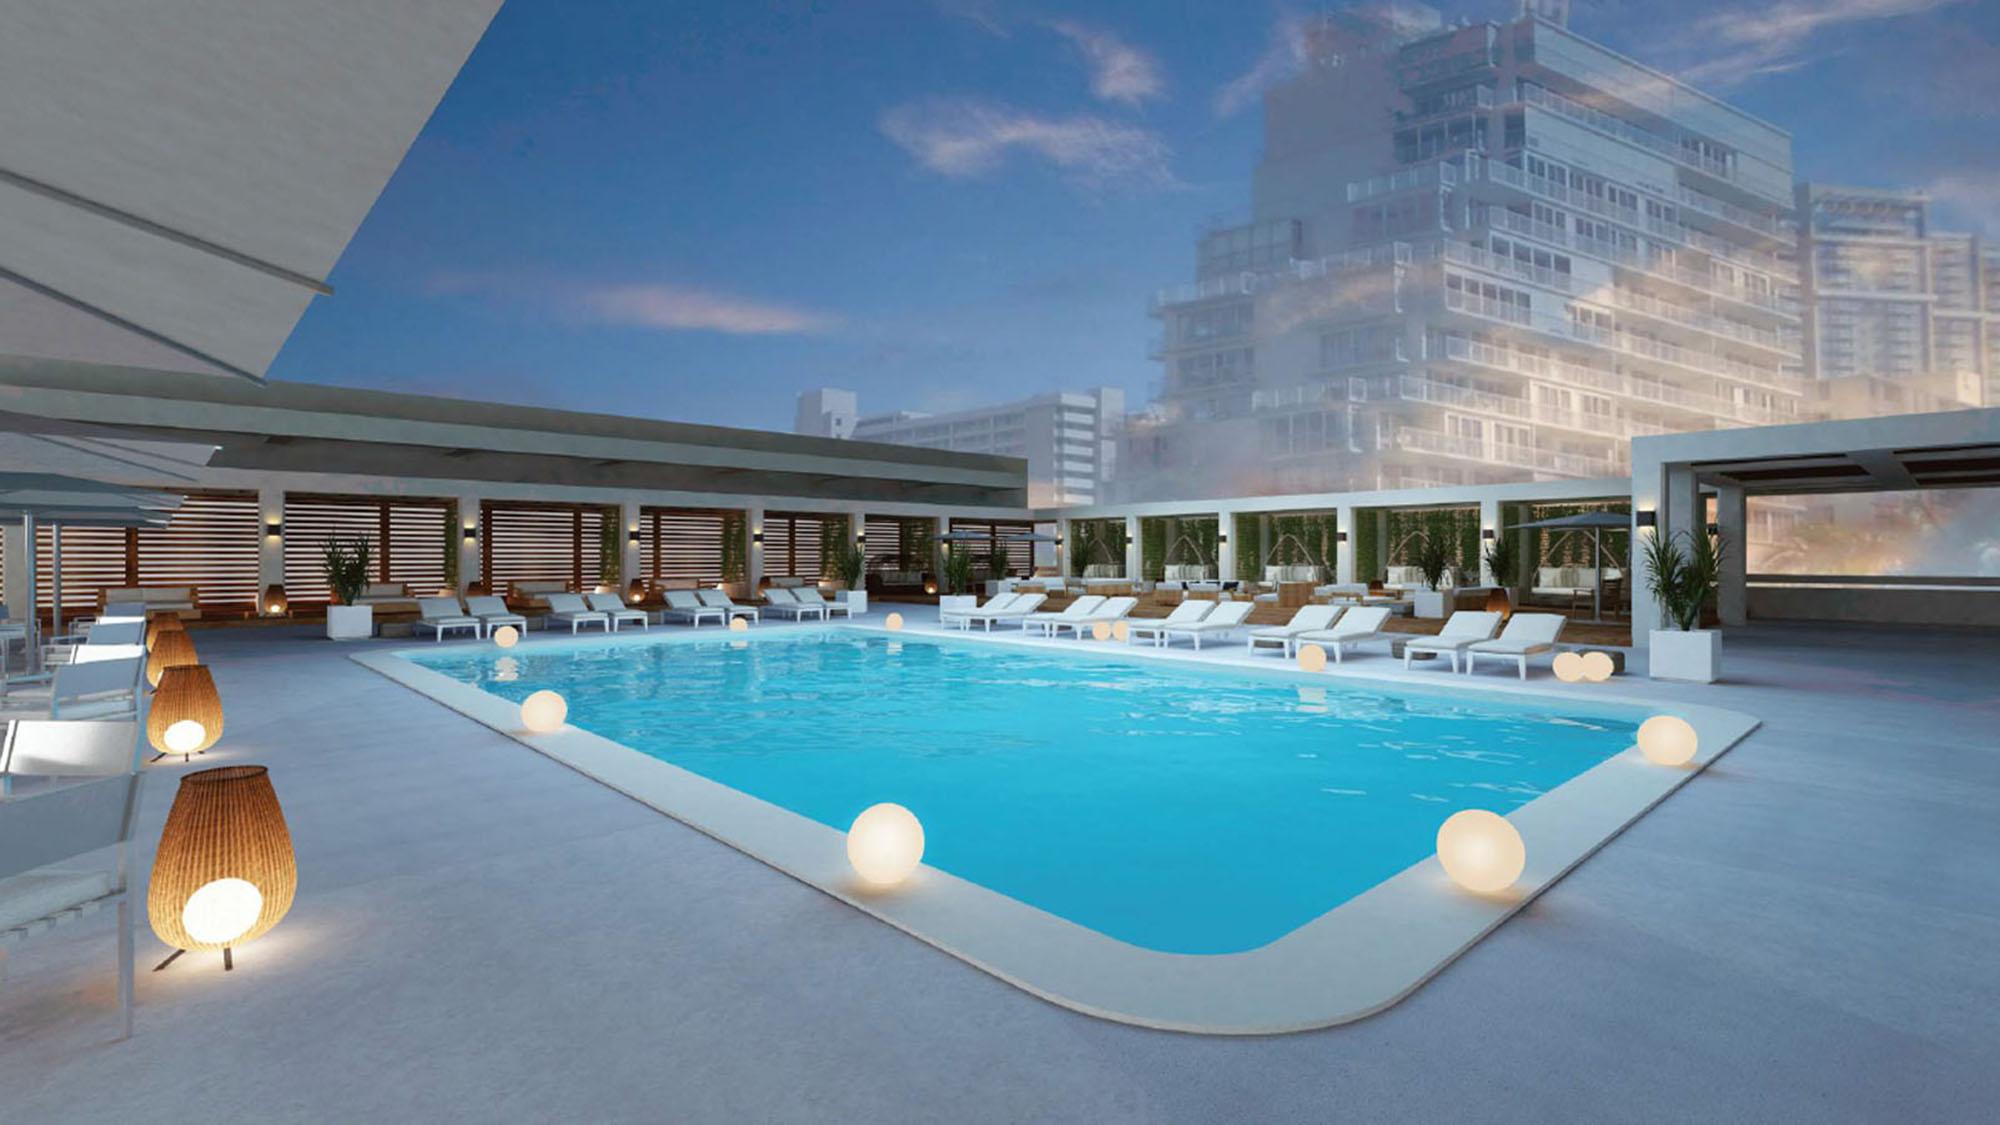 Ala Moana Hotel Celebrates Anniversary With Renovation Travel Weekly